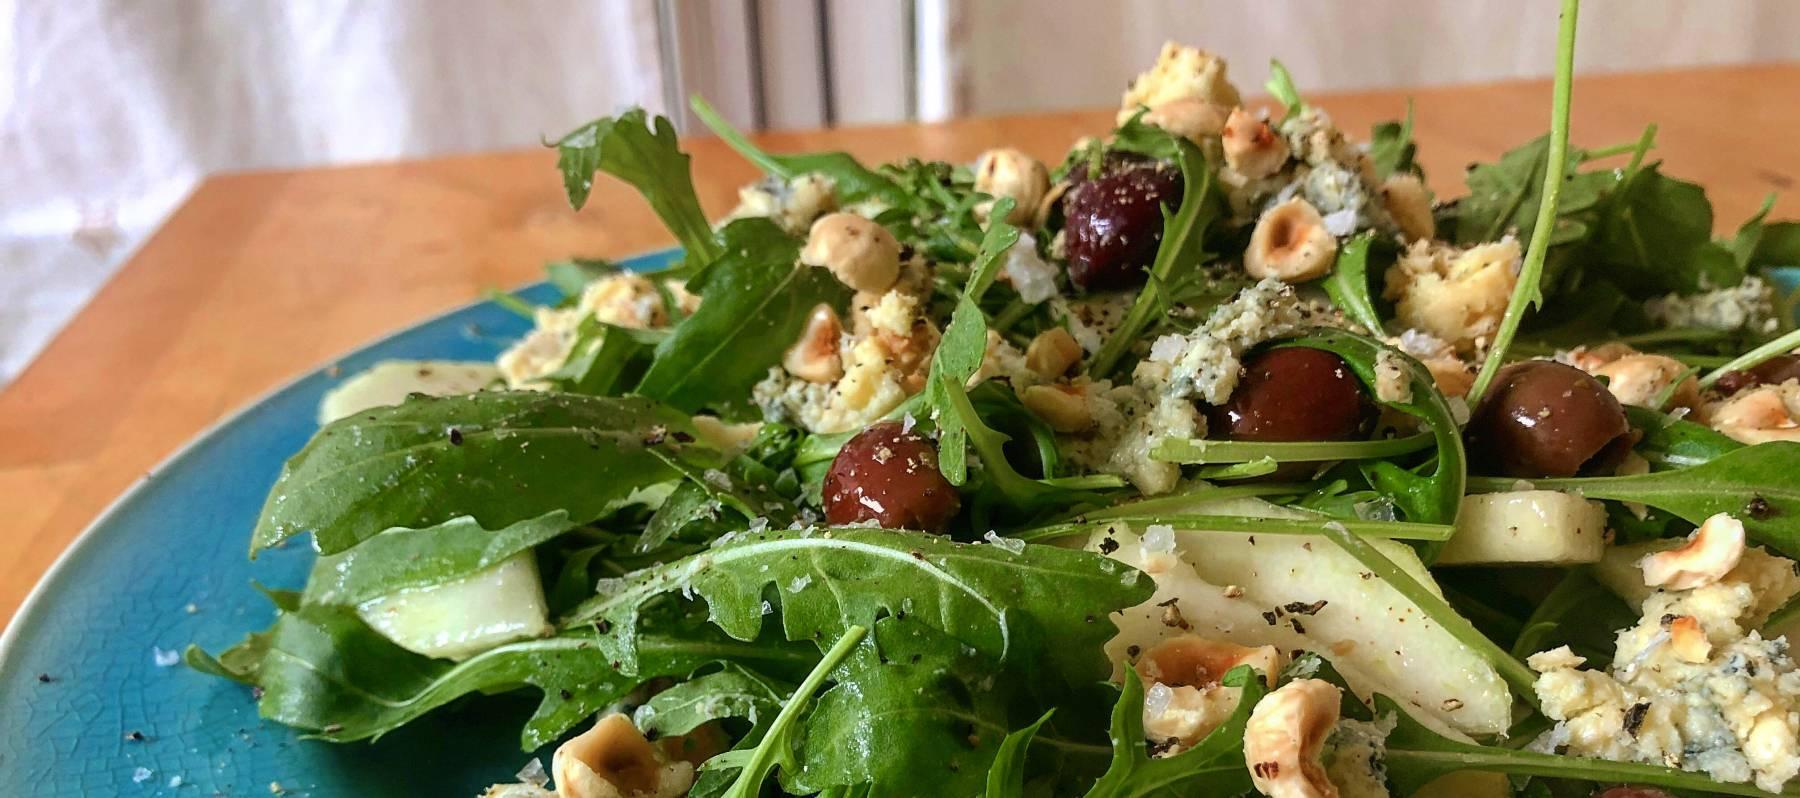 Ensalada de rúcula, pera y queso azul